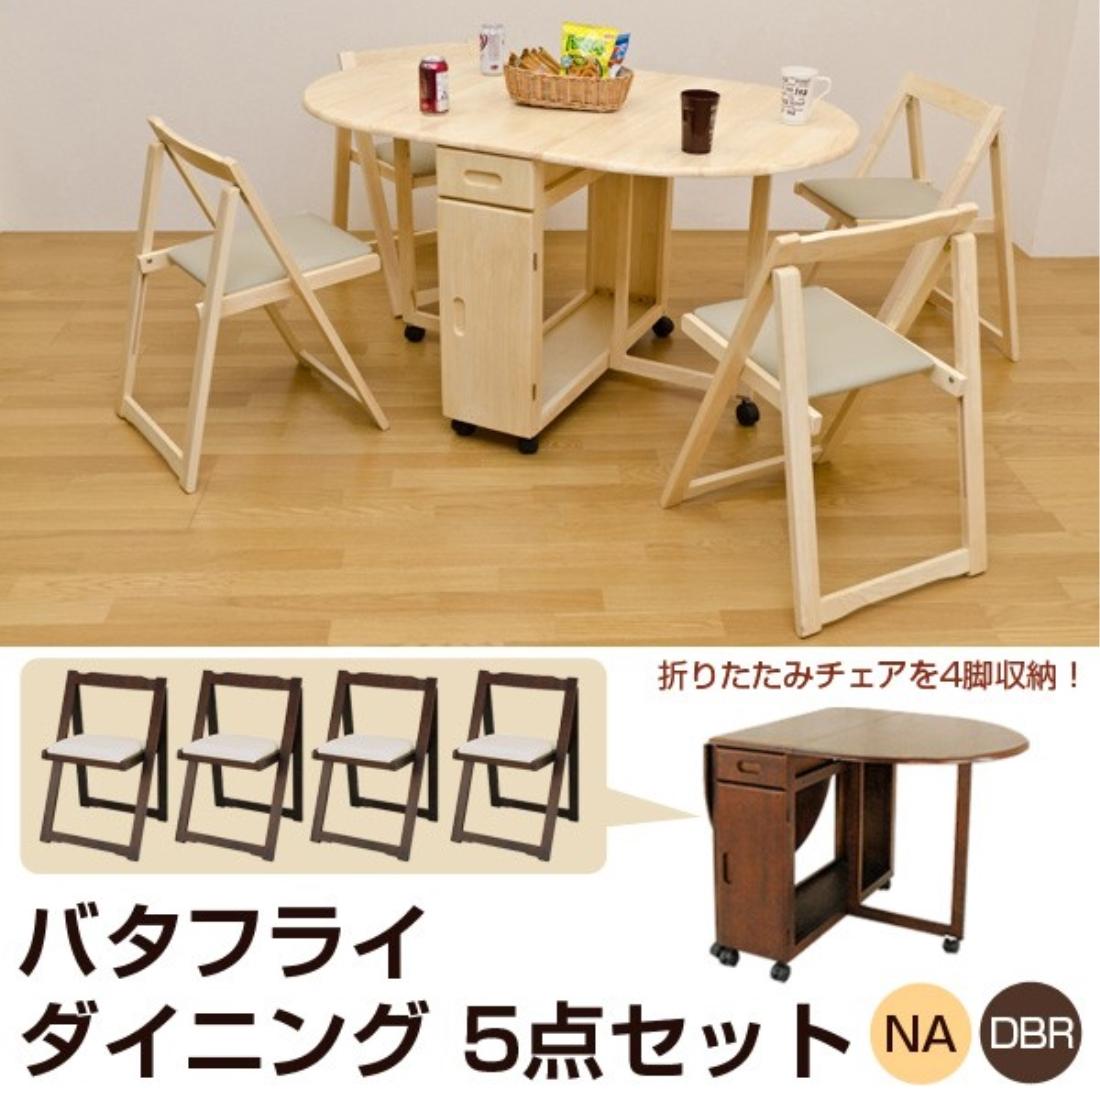 インテリア 家具 リビング テーブル 食卓 バタフライダイニング5点セット【離島配送不可】